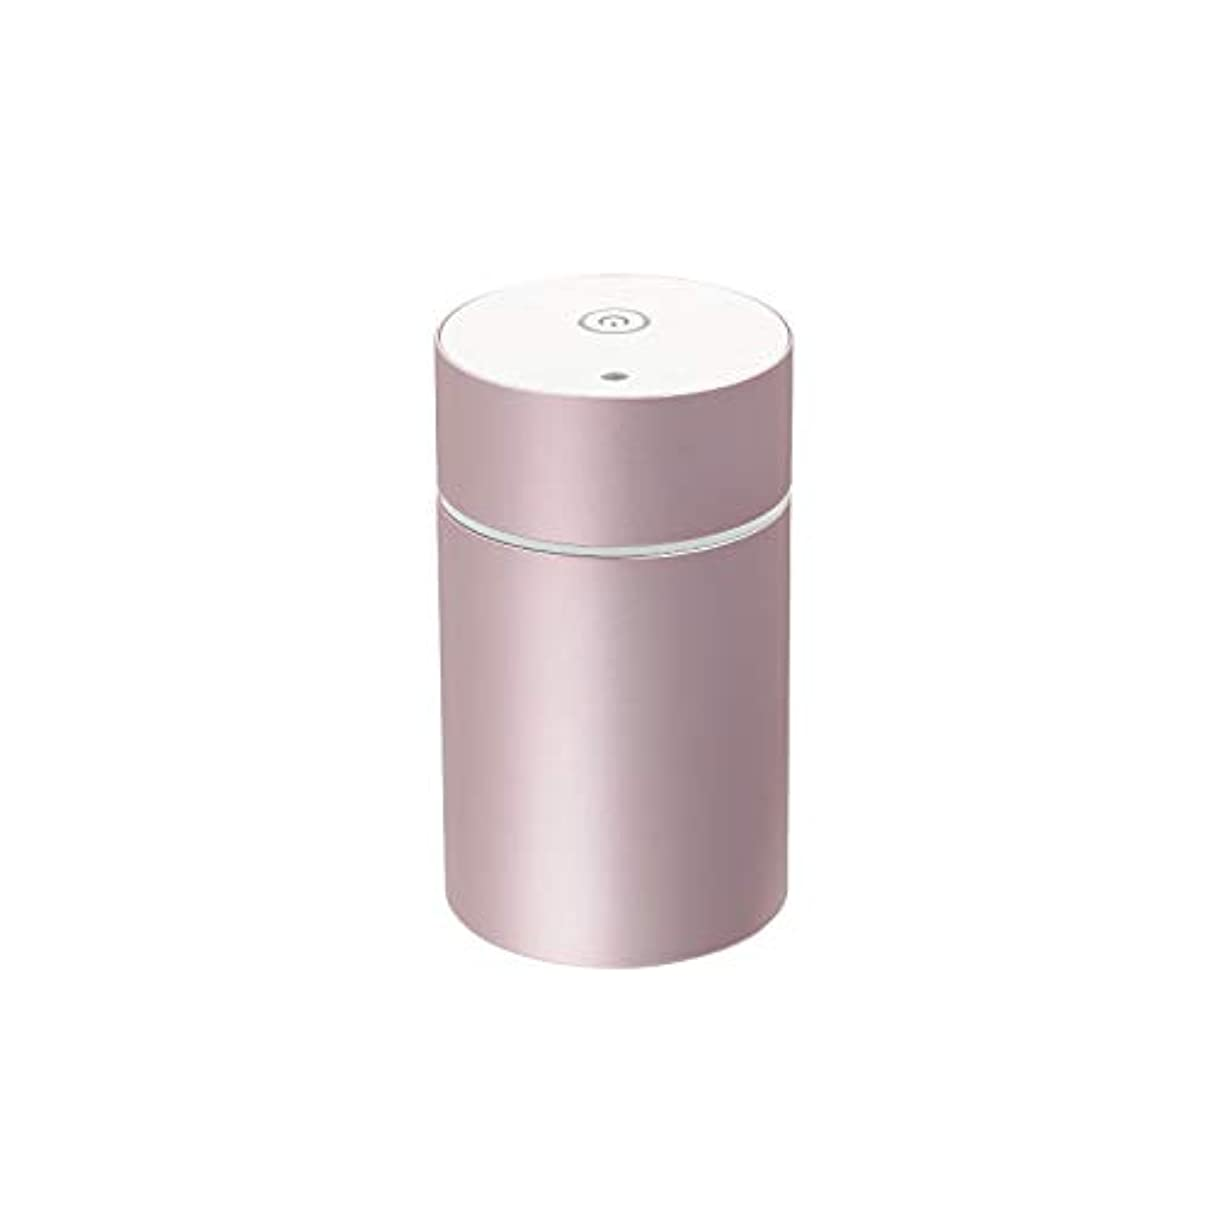 要求する宣伝みなす生活の木 アロマディフューザー(ピンク)aromore mini(アロモアミニ) 08-801-7020